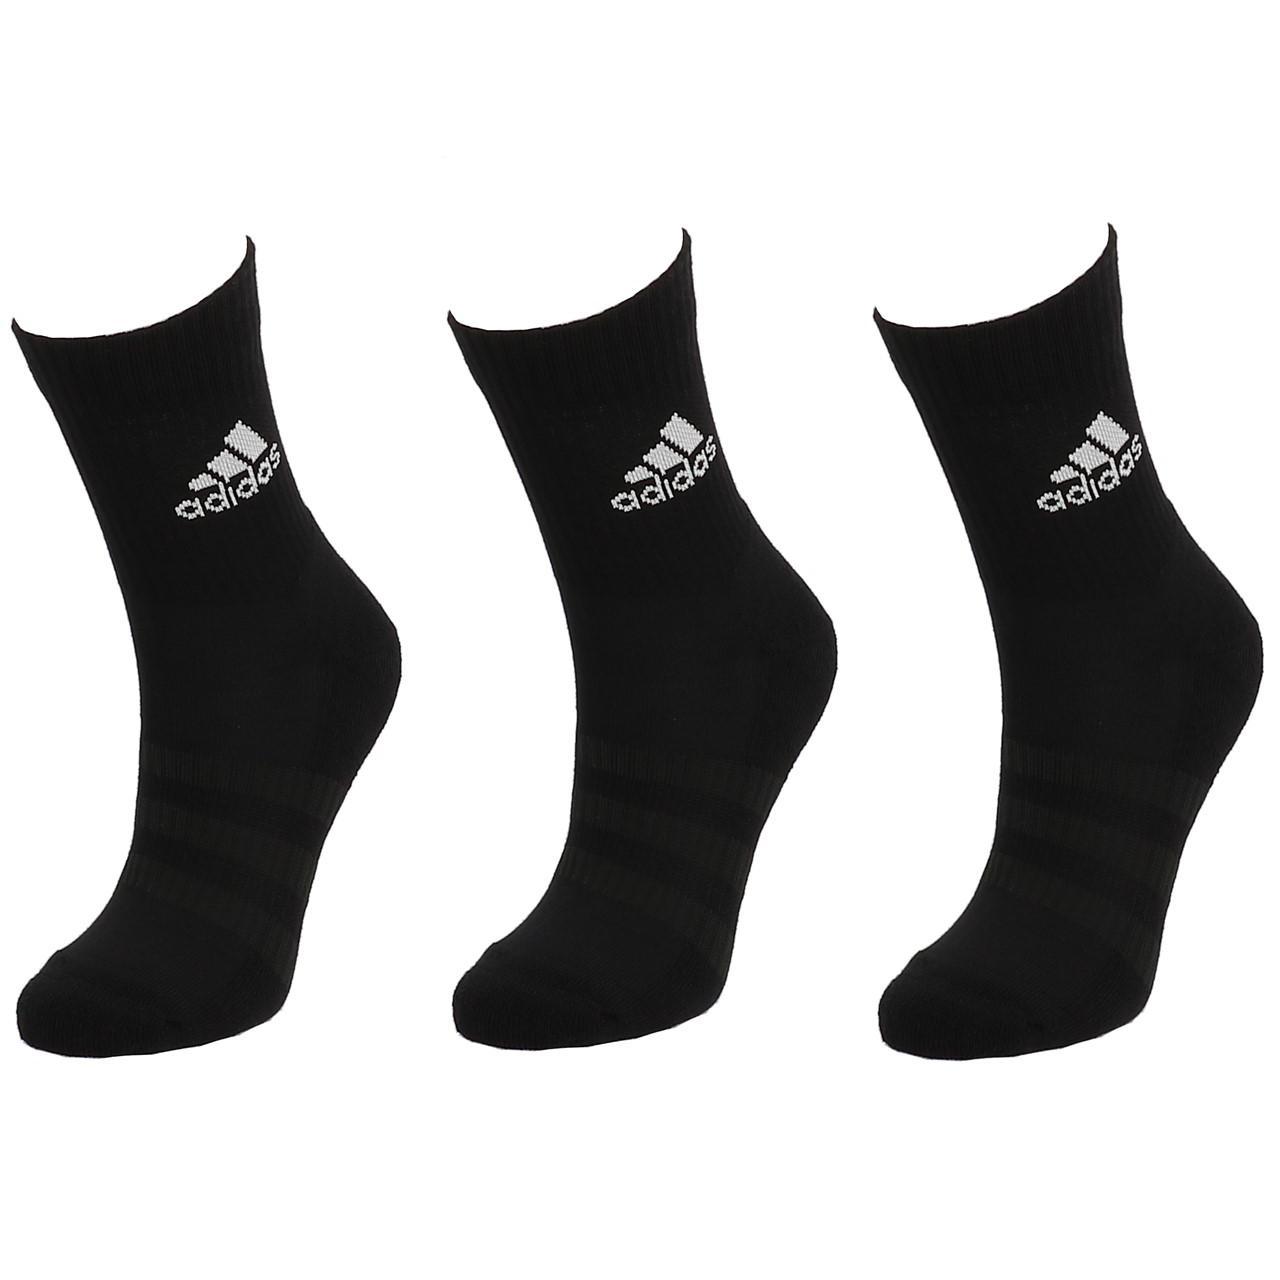 Socks-Adidas-3s-Perf-Crew-cho7-nr-3pp-Black-19055-New